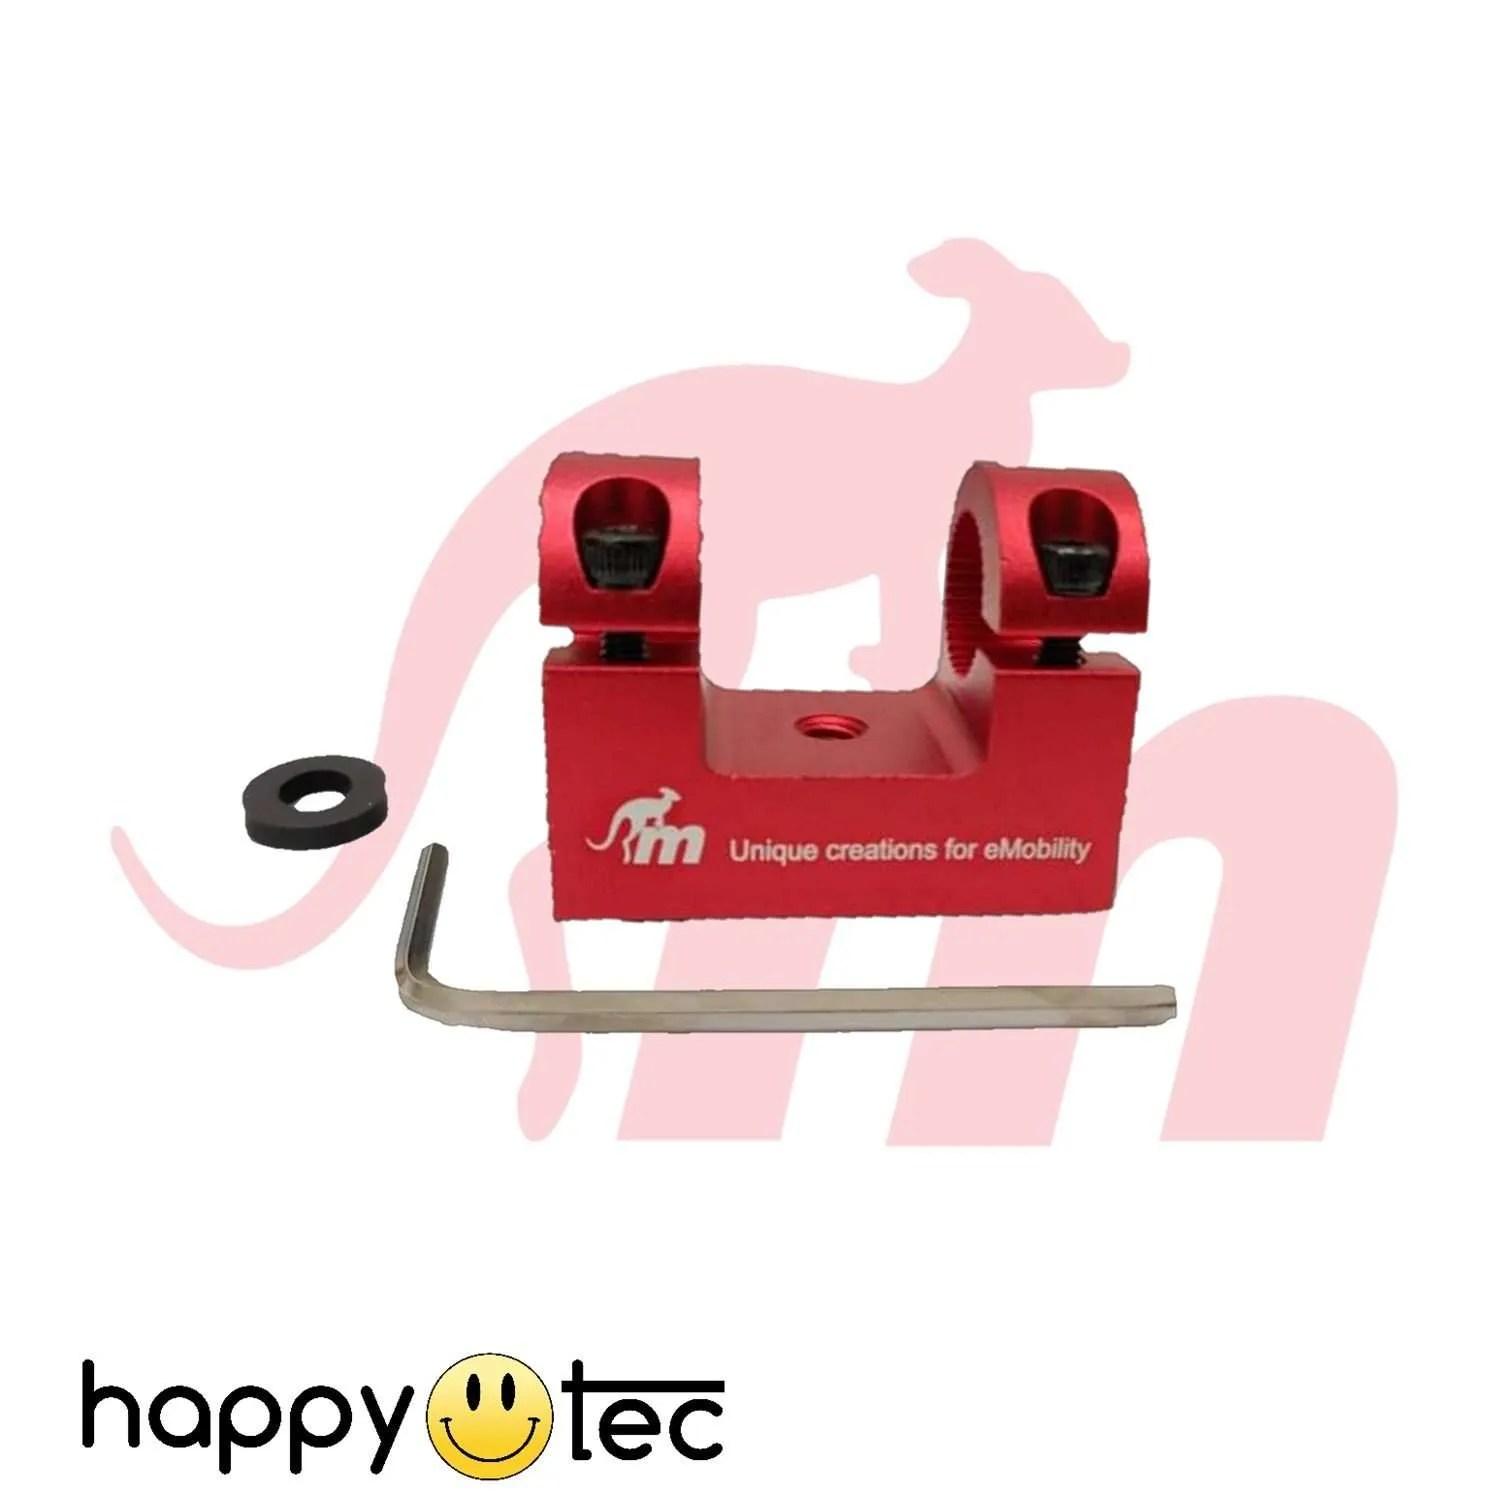 Ninebot-G30-Max-Supporto-parafango-per-ammortizzatori-by-Monorim-Rosso ricambi accessori riparazione assistenza tecnica monopattini elettrici monorim